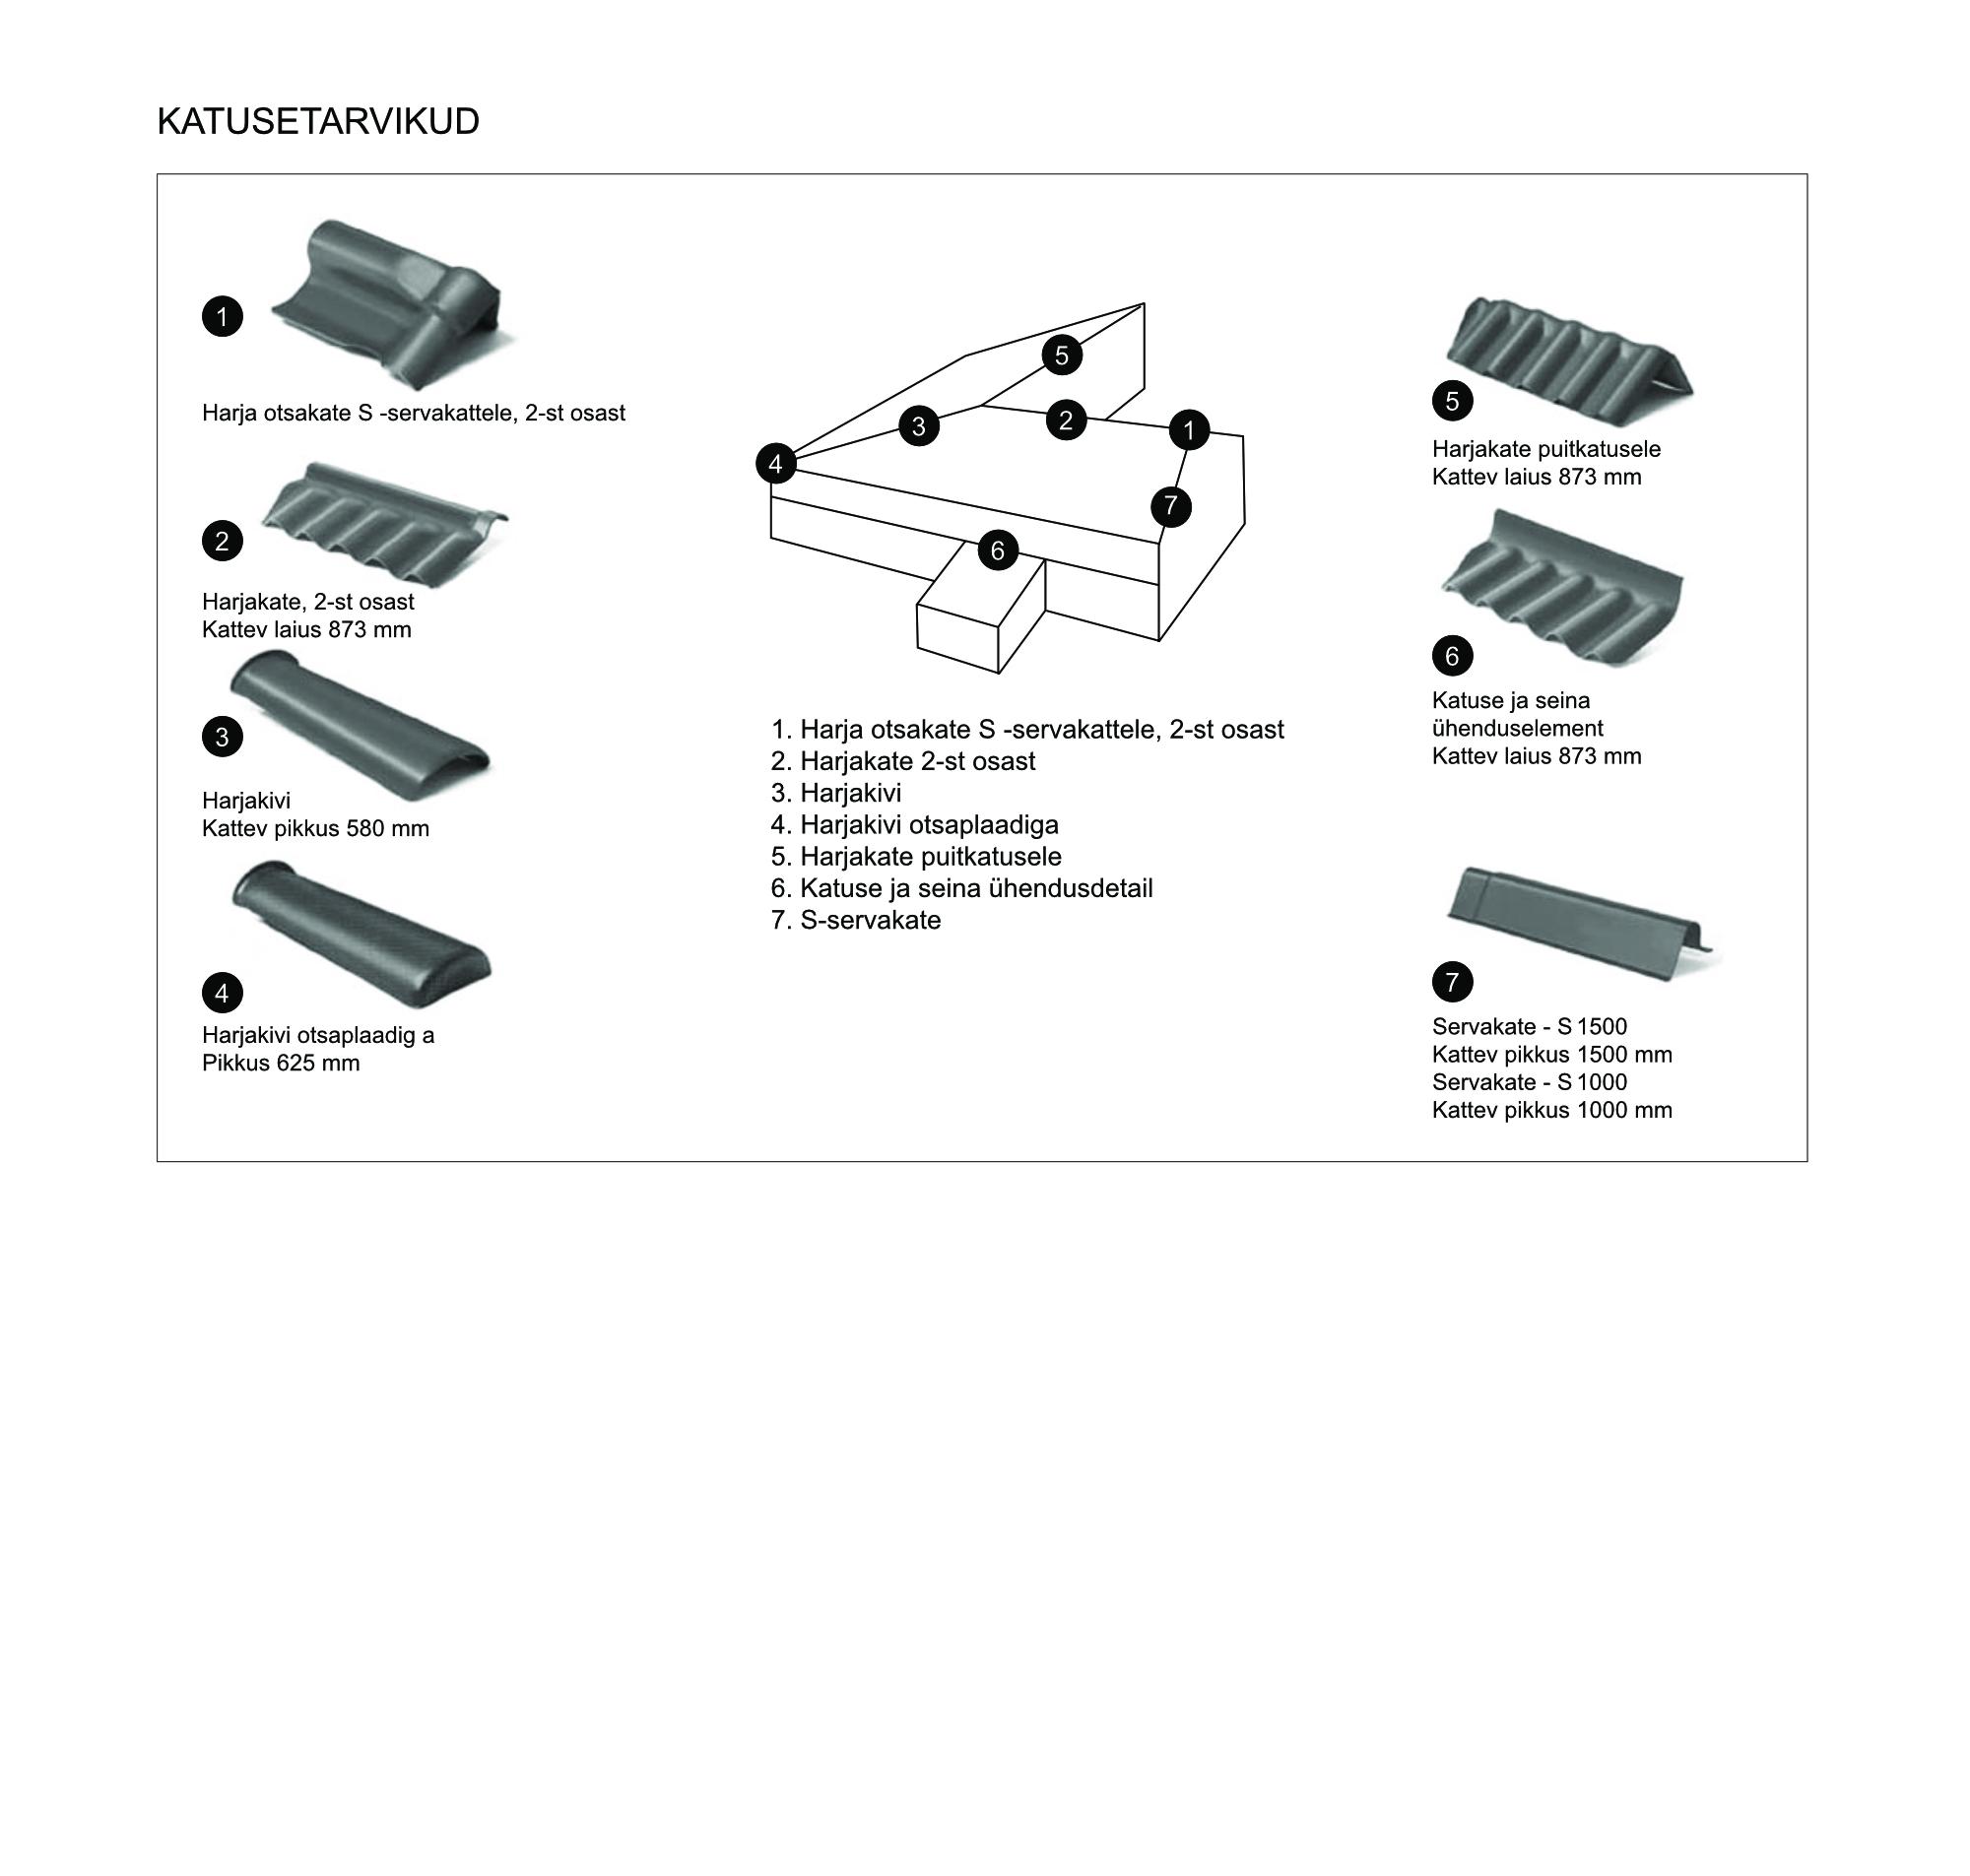 Eterniit - katusetarvikud - katusedetailid - eterniidi paigaldus - eterniitkatus